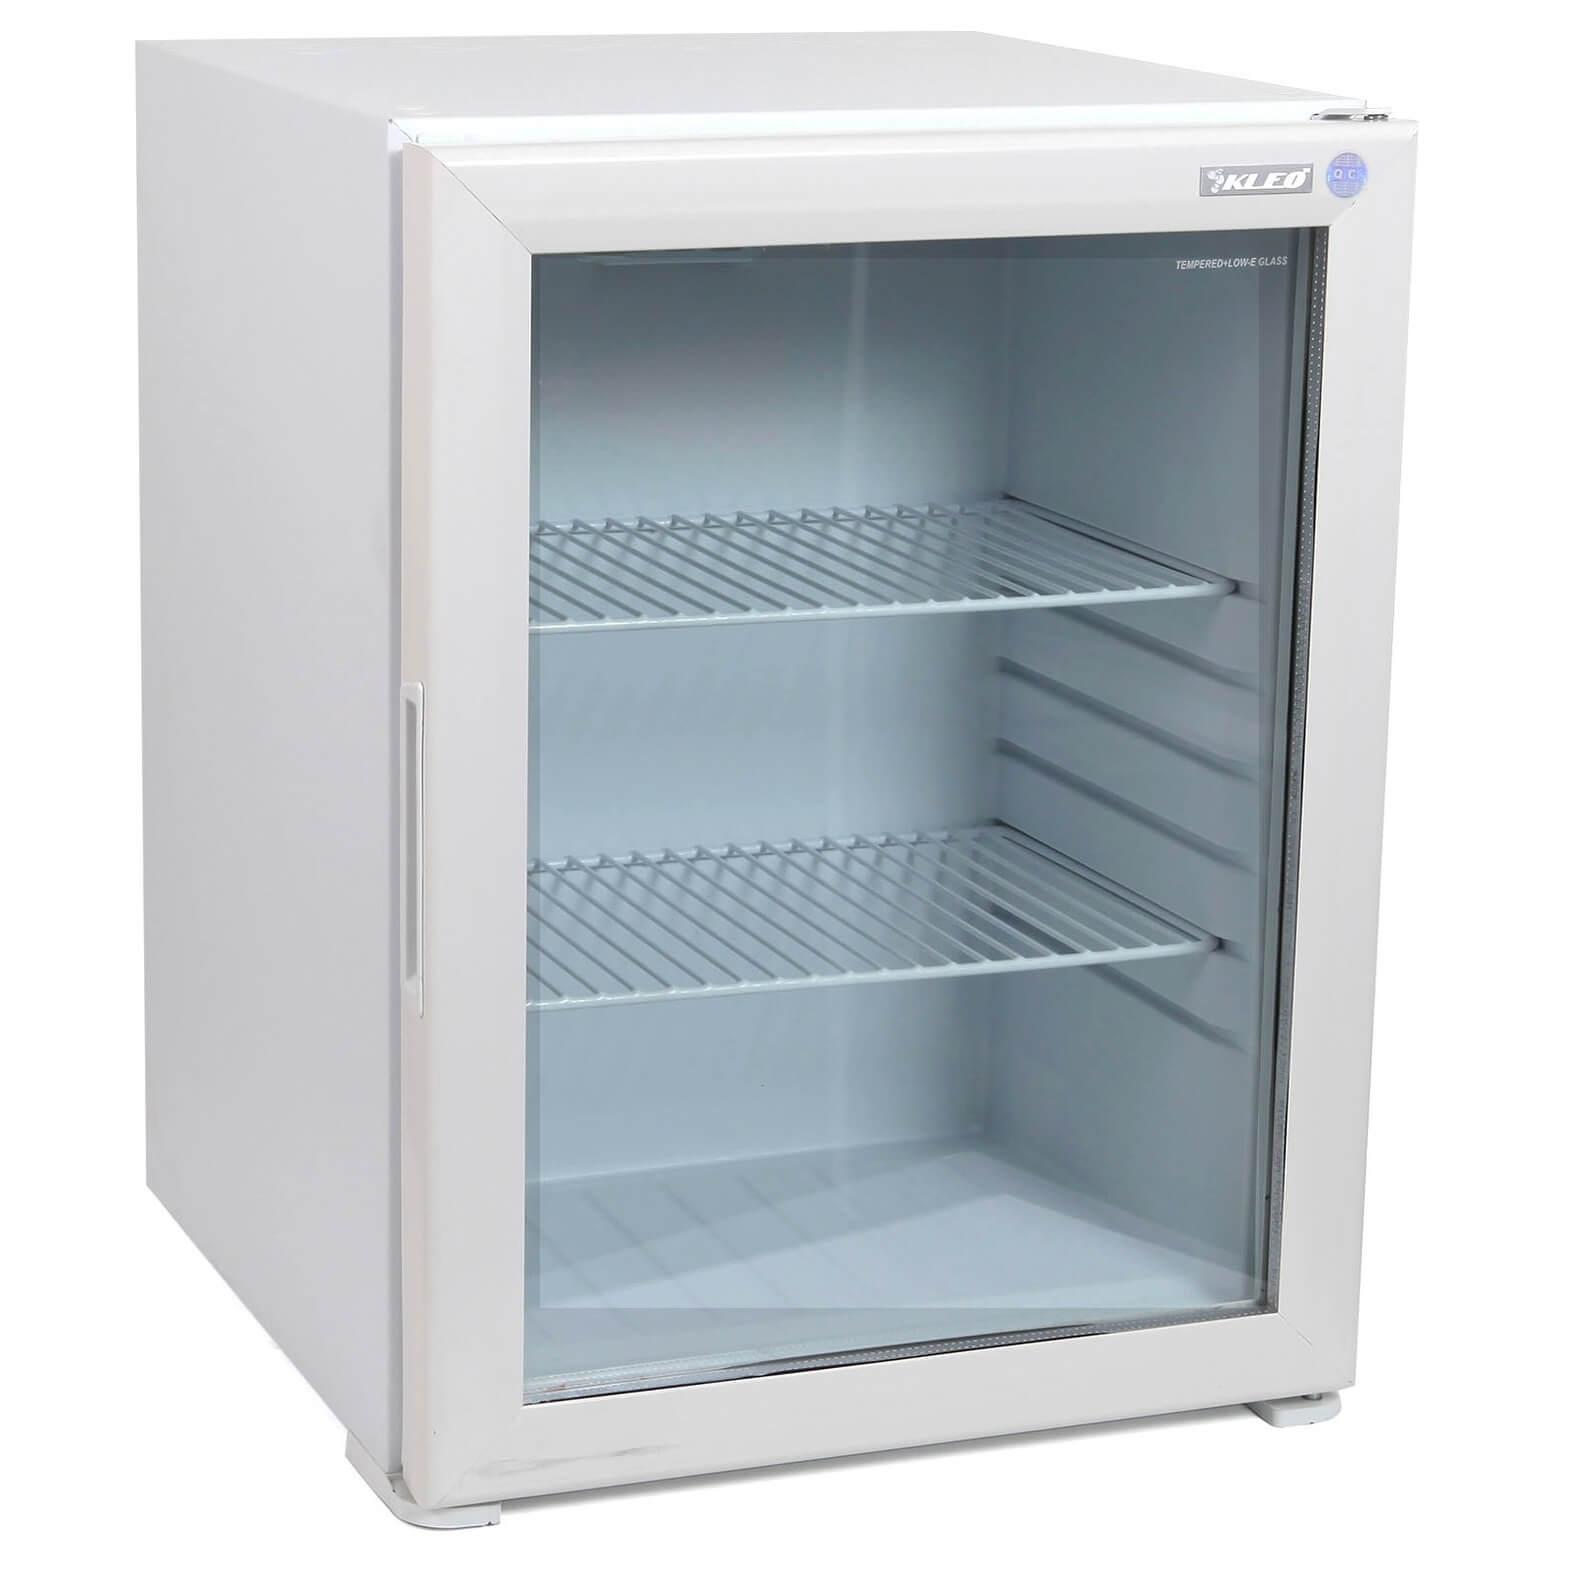 Kleo KMB35CG buzdolabi